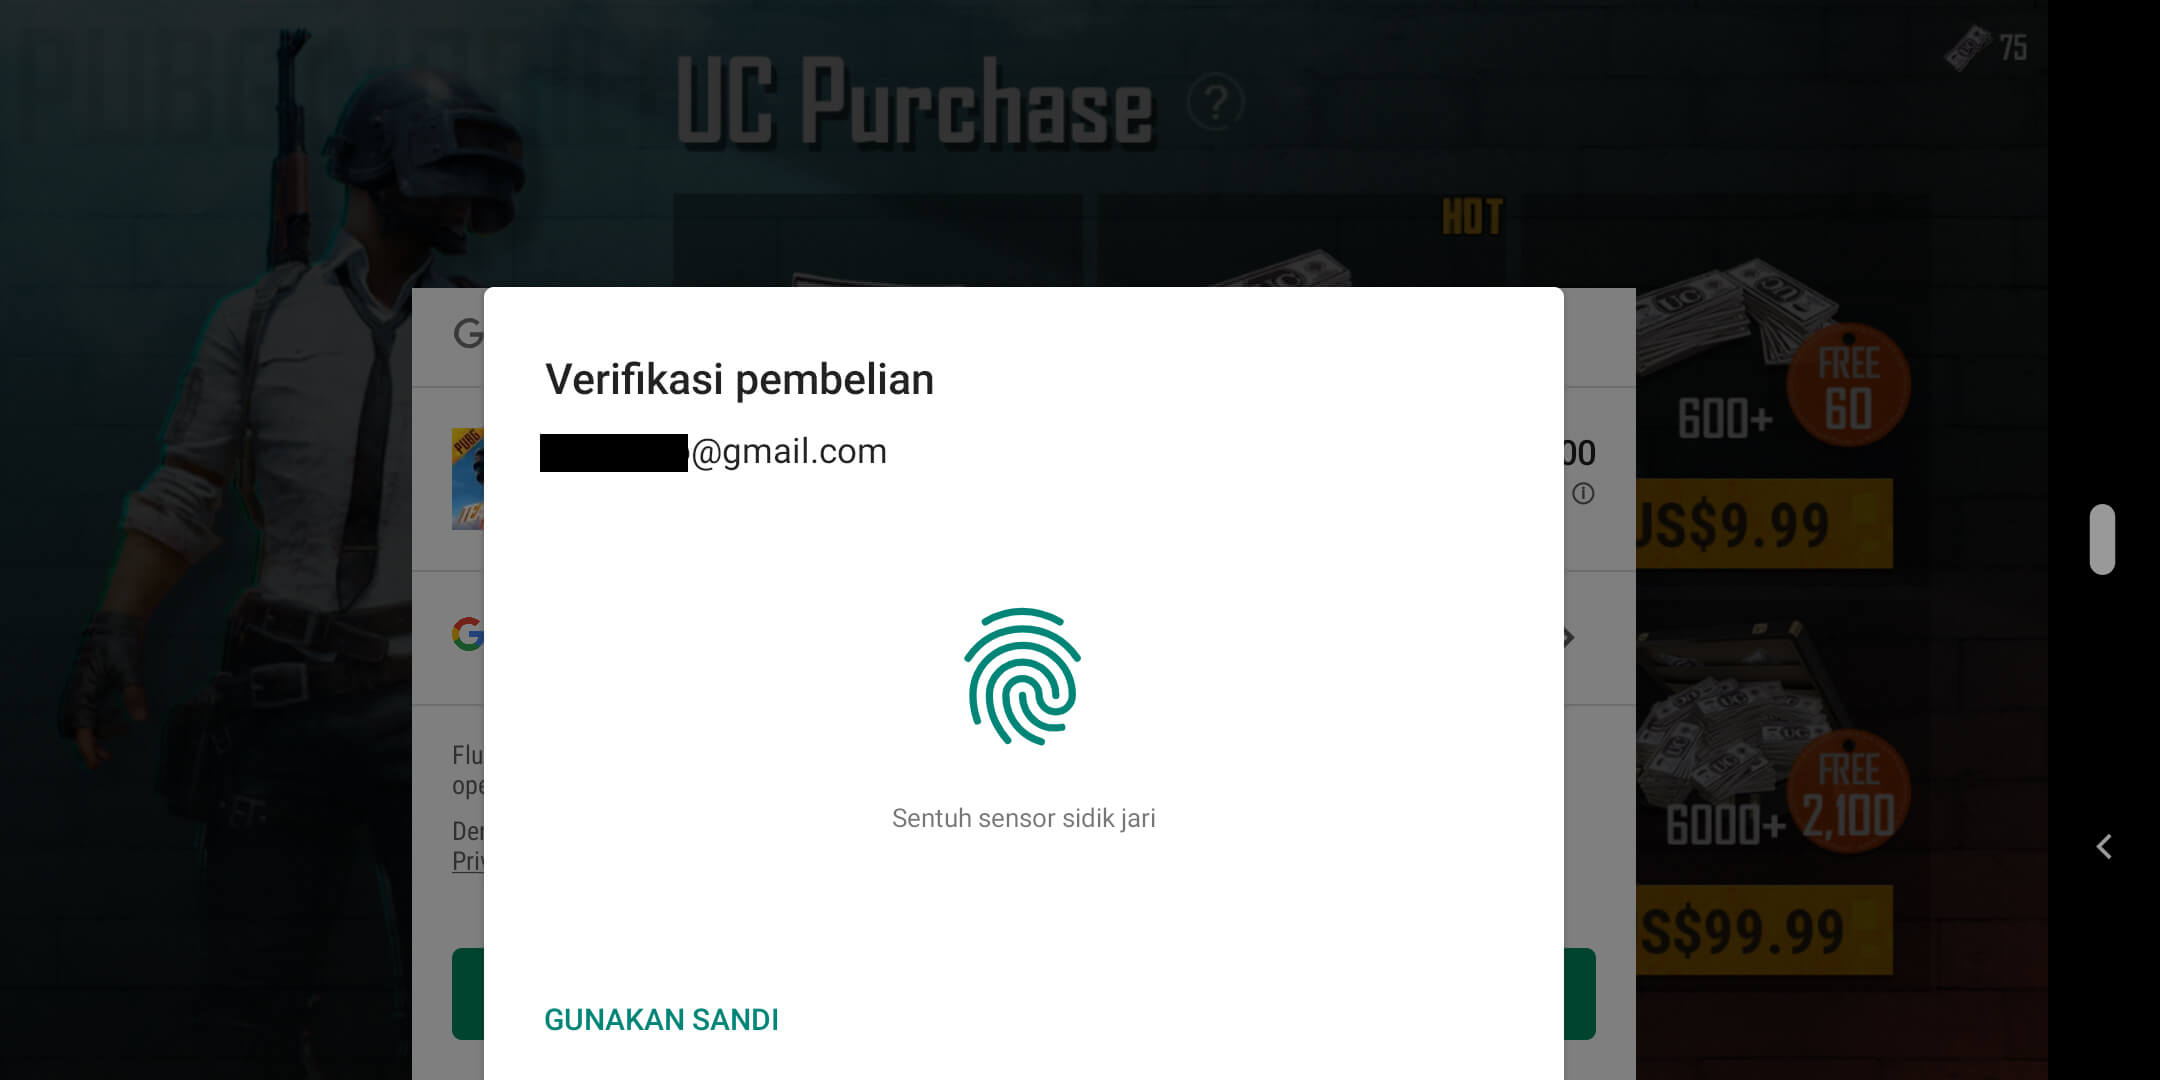 Cara Top Up PUBG Mobile Via Pulsa - Konfirmasi Pembayaran UC Melalui Pulsa Telkomsel